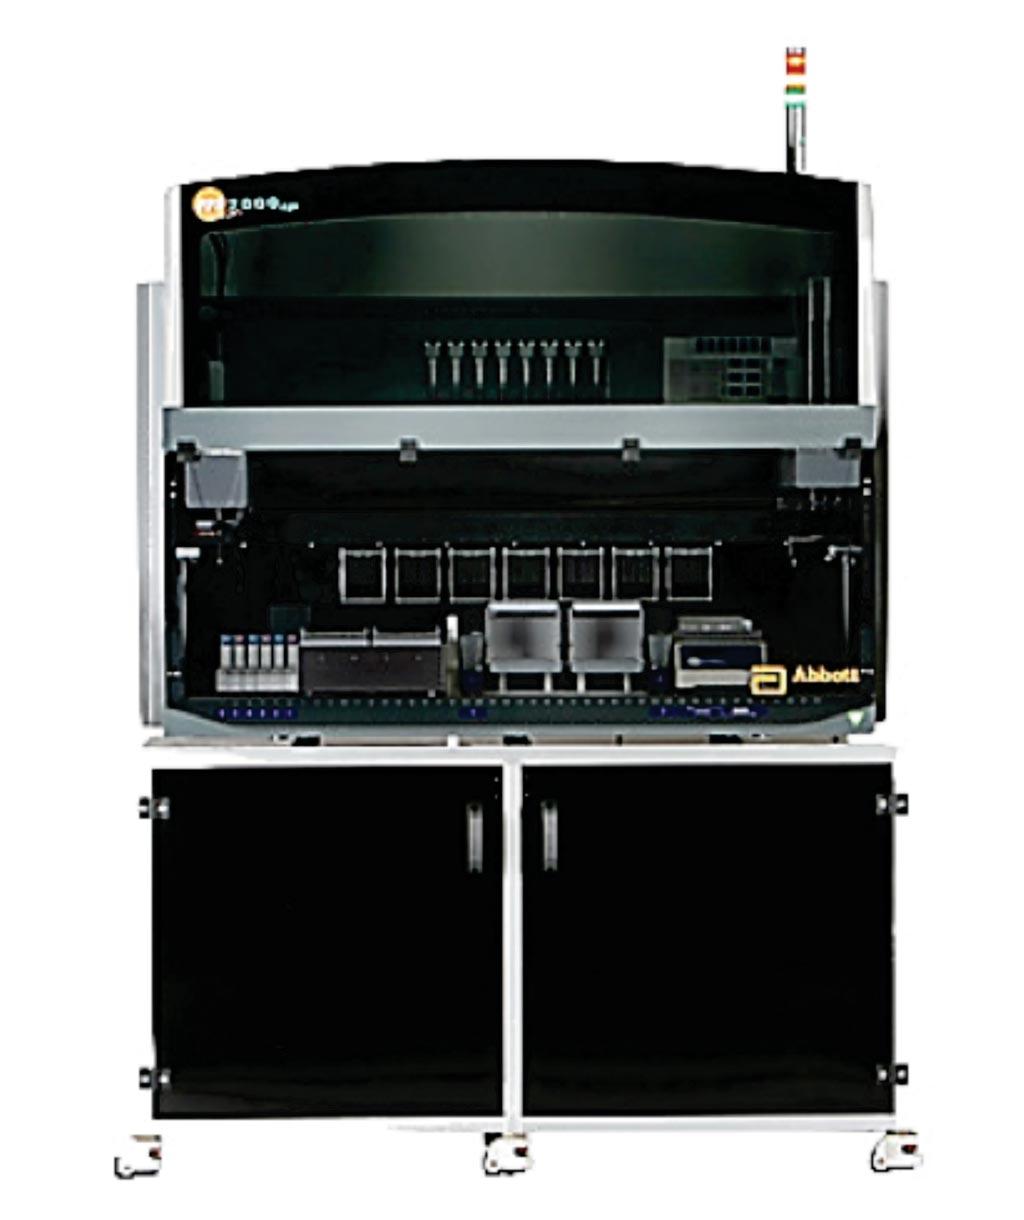 Imagen: El sistema Abbott m2000 RealTime es una solución altamente flexible y demostrada que presenta un amplio menú de ensayos de diagnóstico in vitro (Fotografía cortesía de Abbott Molecualr Diagnostics).